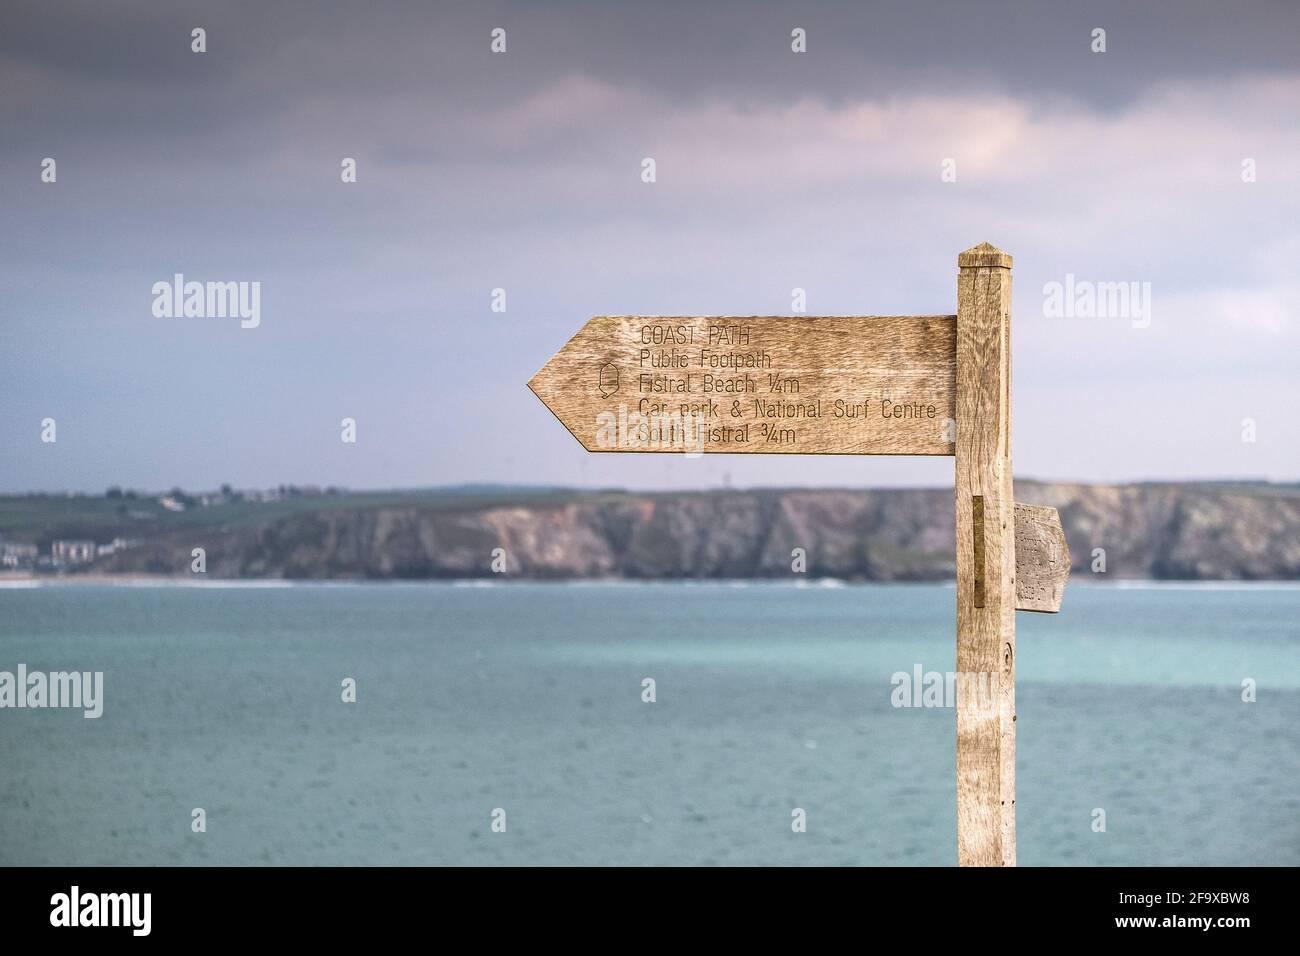 Une pancarte en bois sur le sentier côtier surplombant la baie de Newquay, dans les Cornouailles. Banque D'Images